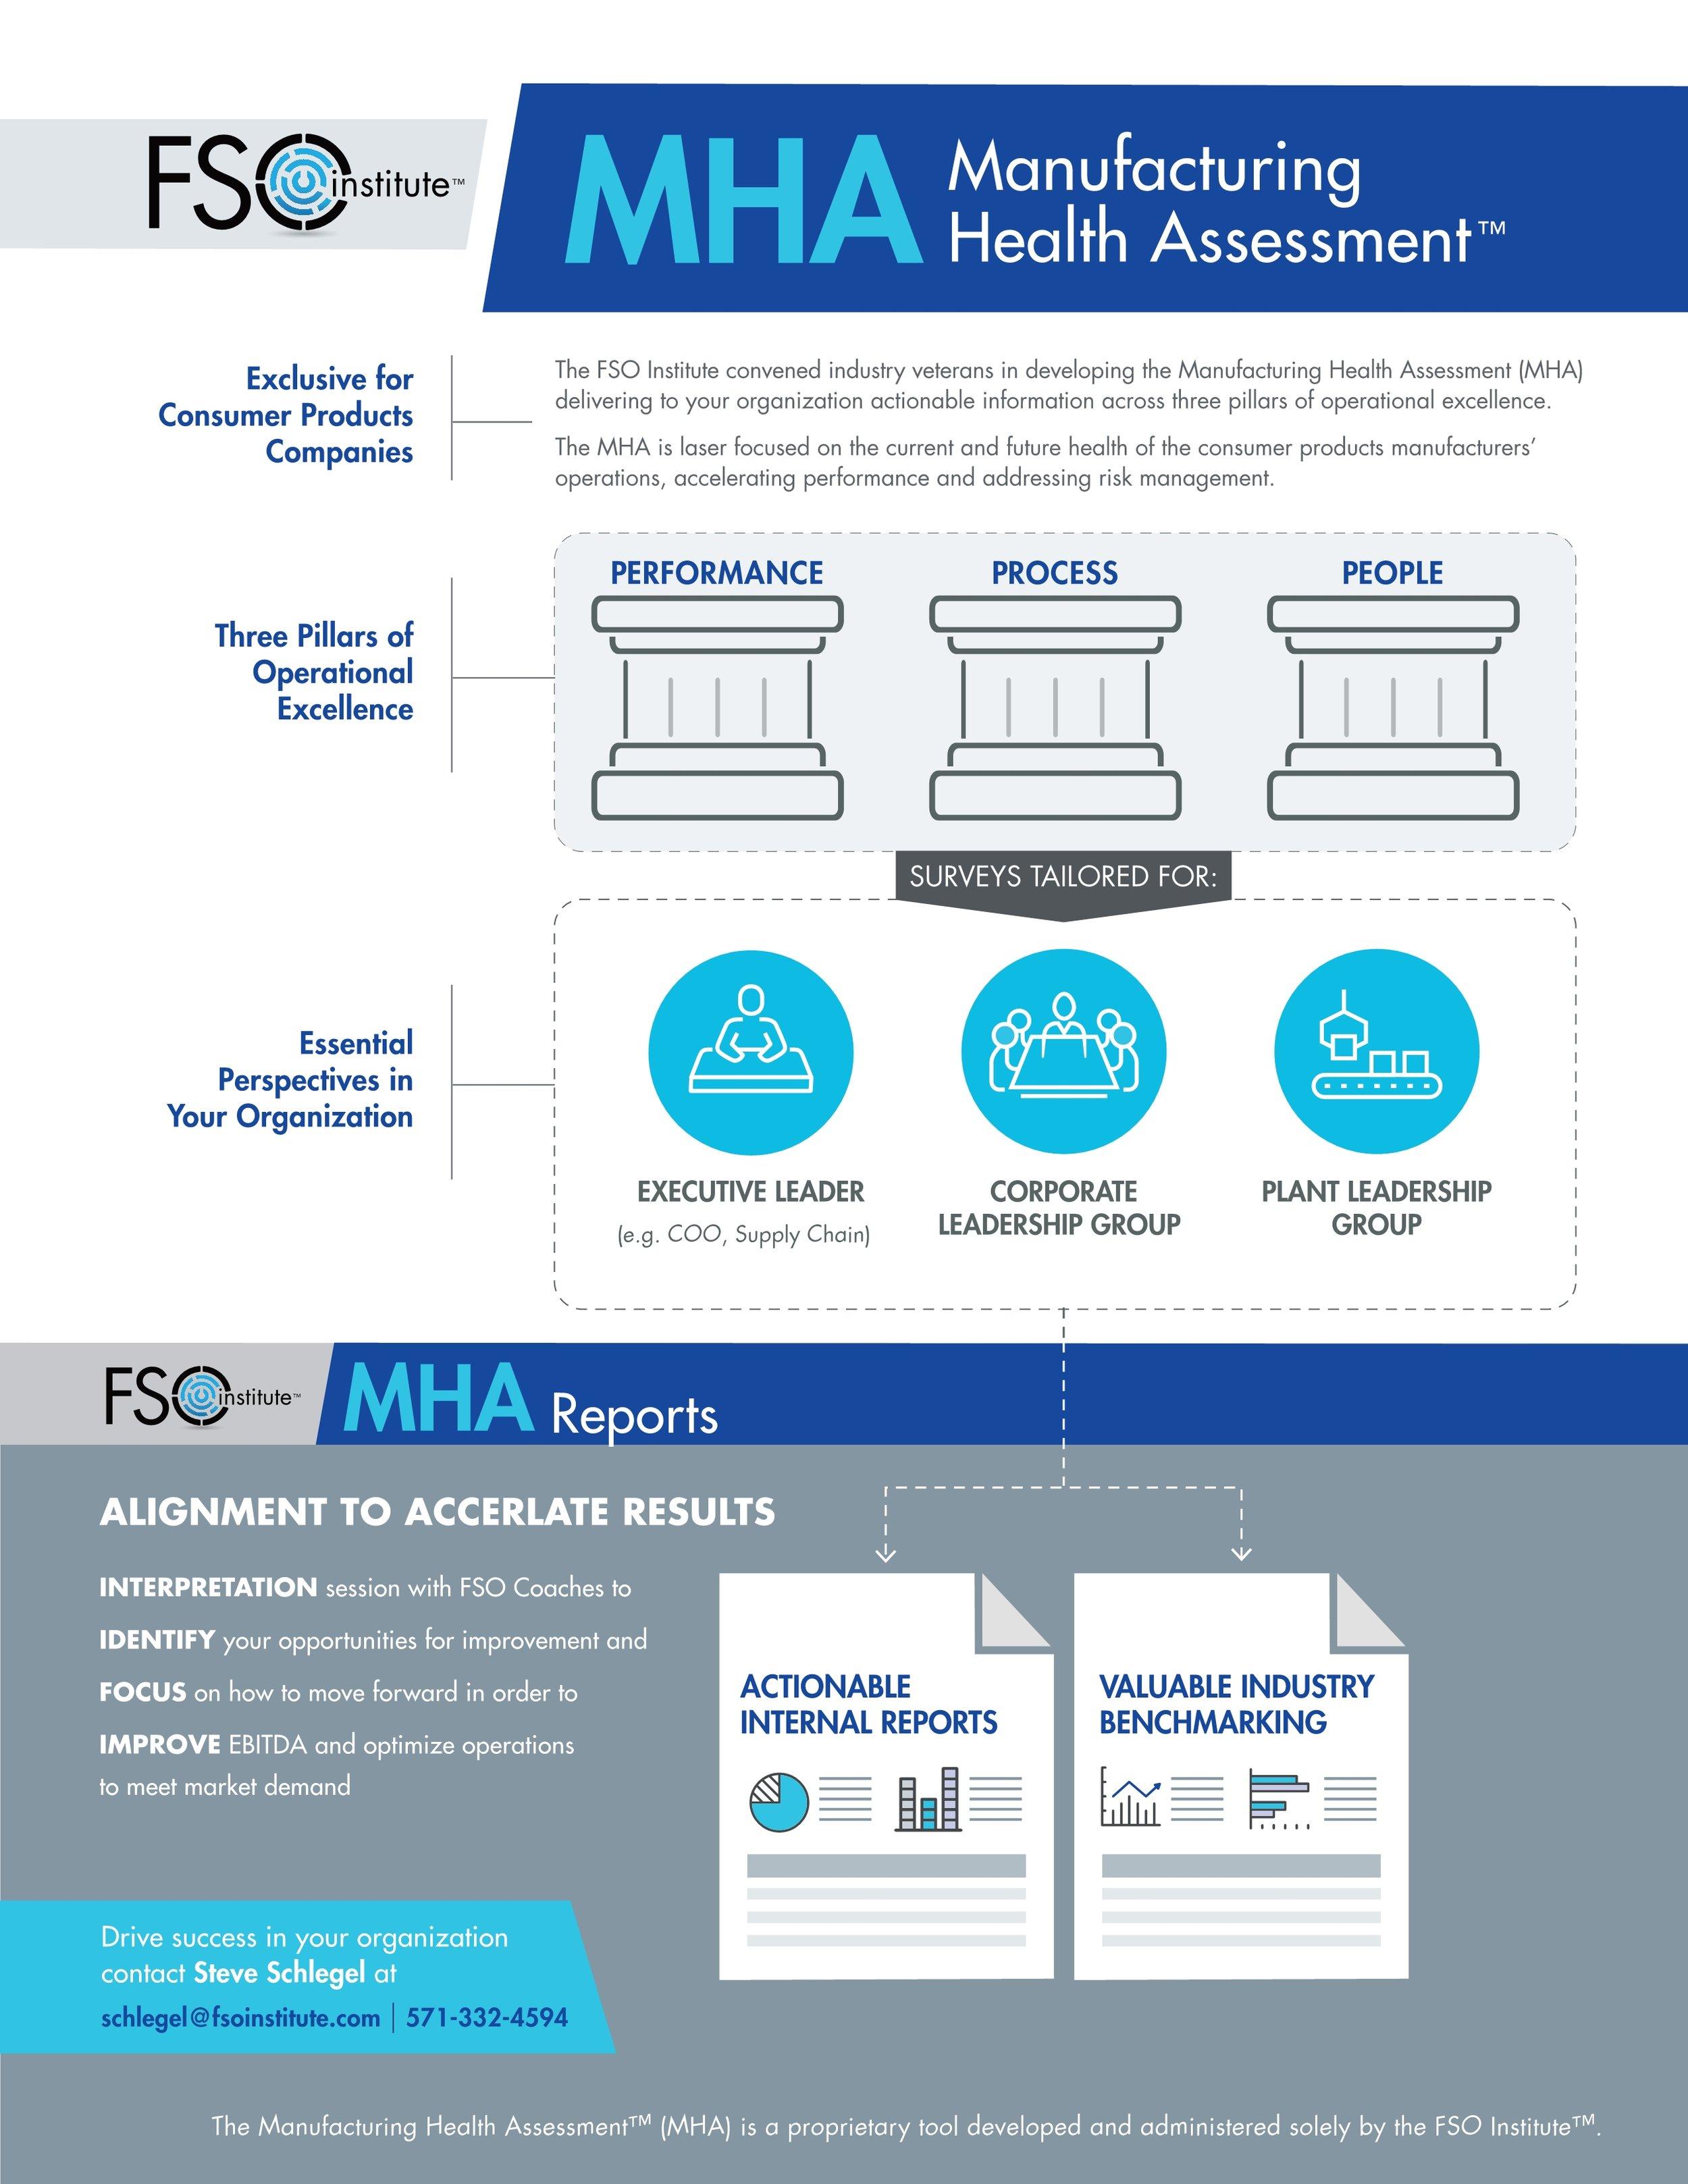 5_1_19_MHA_infographic_Update5_19.jpg